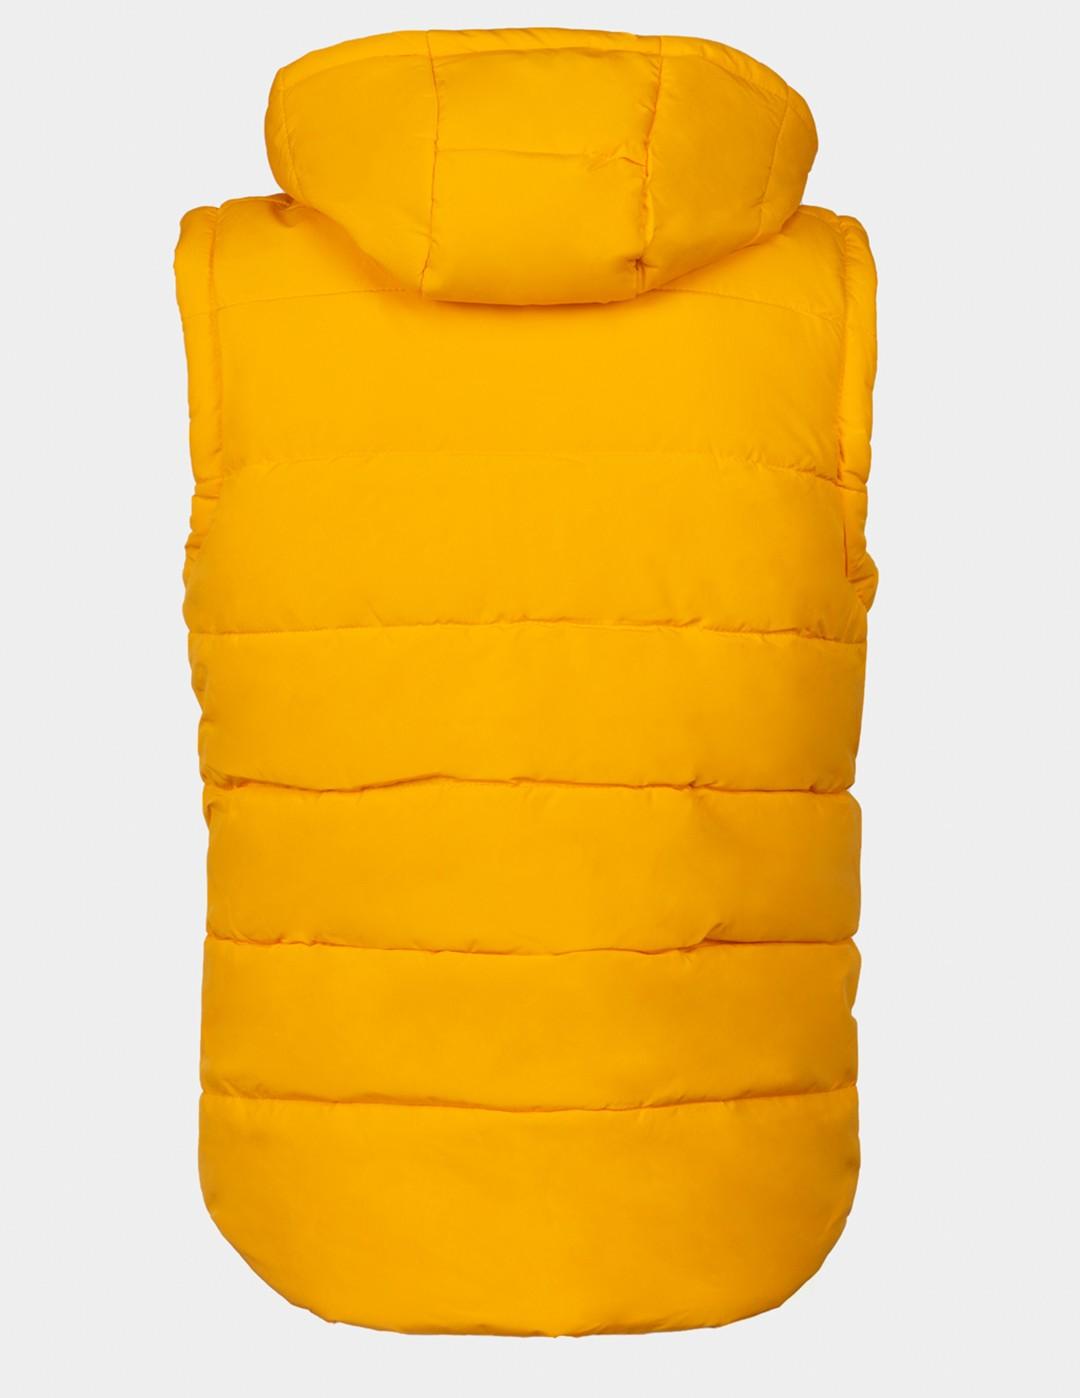 WHISTLER Vest Yellow